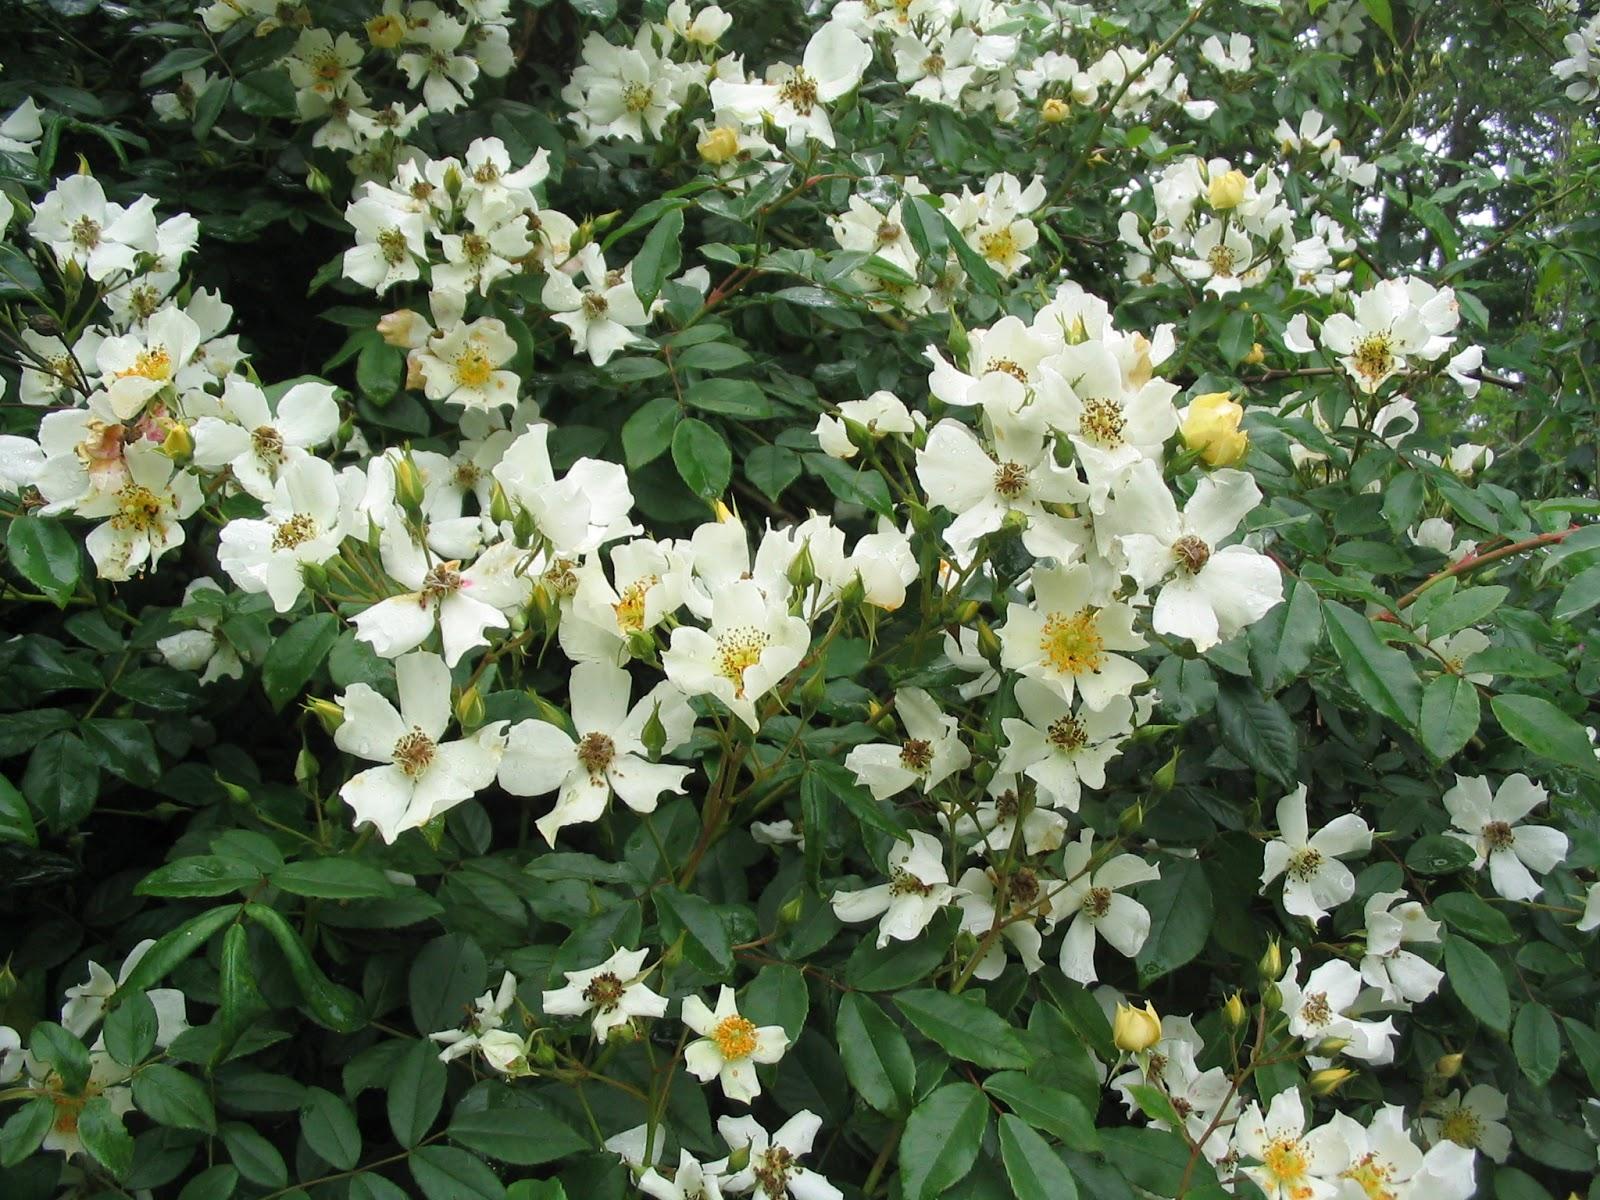 Le jardin de brigitte alsace un autre superbe rosier liane for Rosier jardin de france